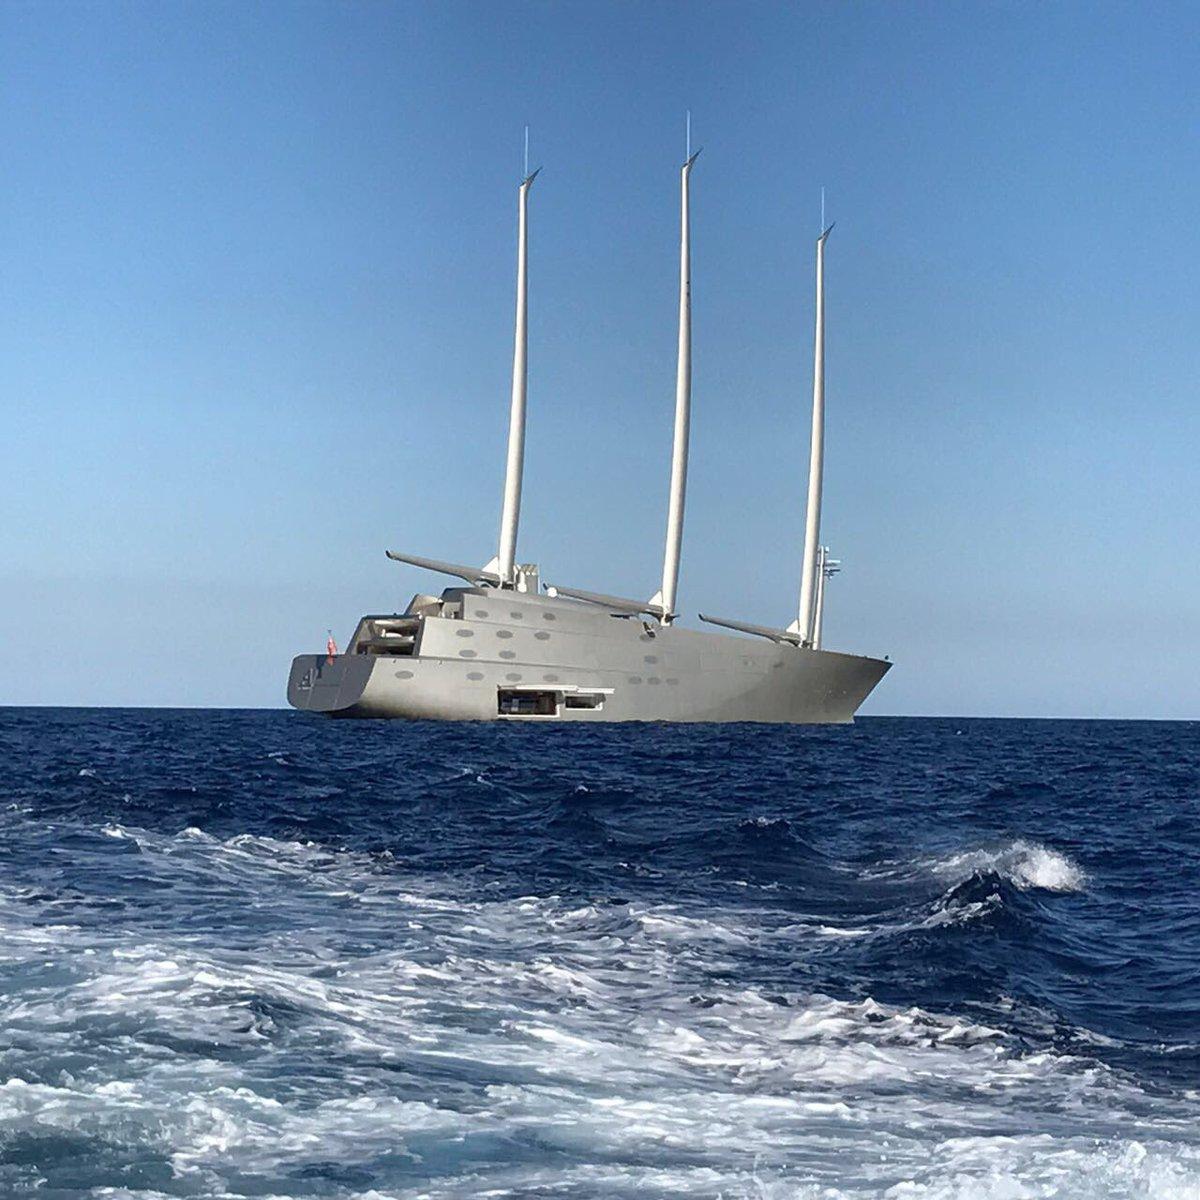 самая большая парусная яхта мельниченко фото означает каждая